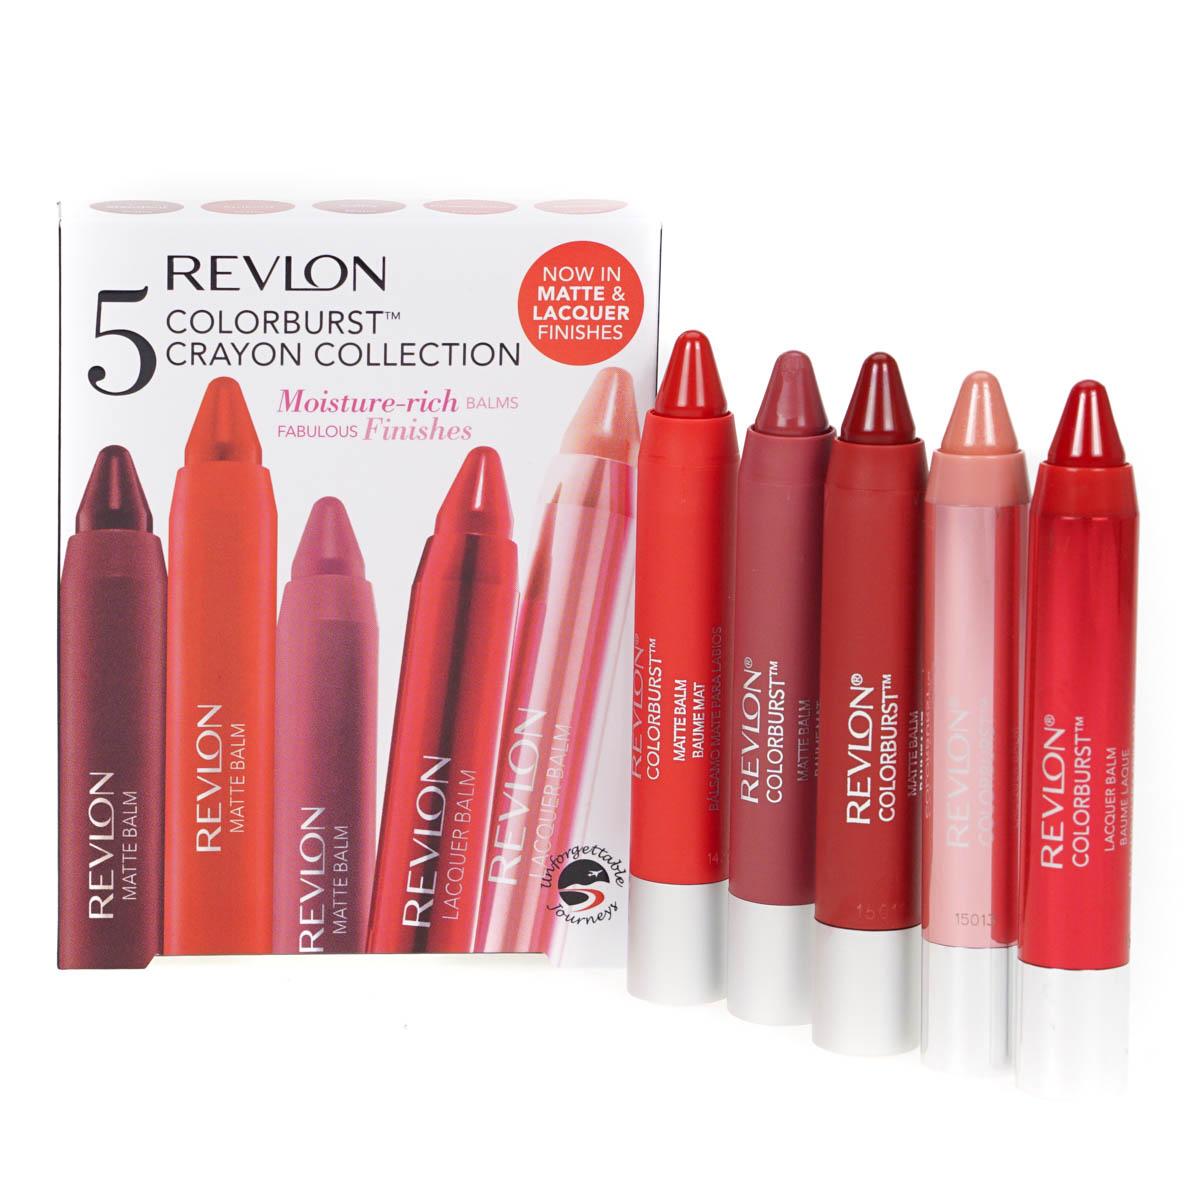 Revlon 5 Color Burst Crayon Set Moisture Rich Chunky Lip